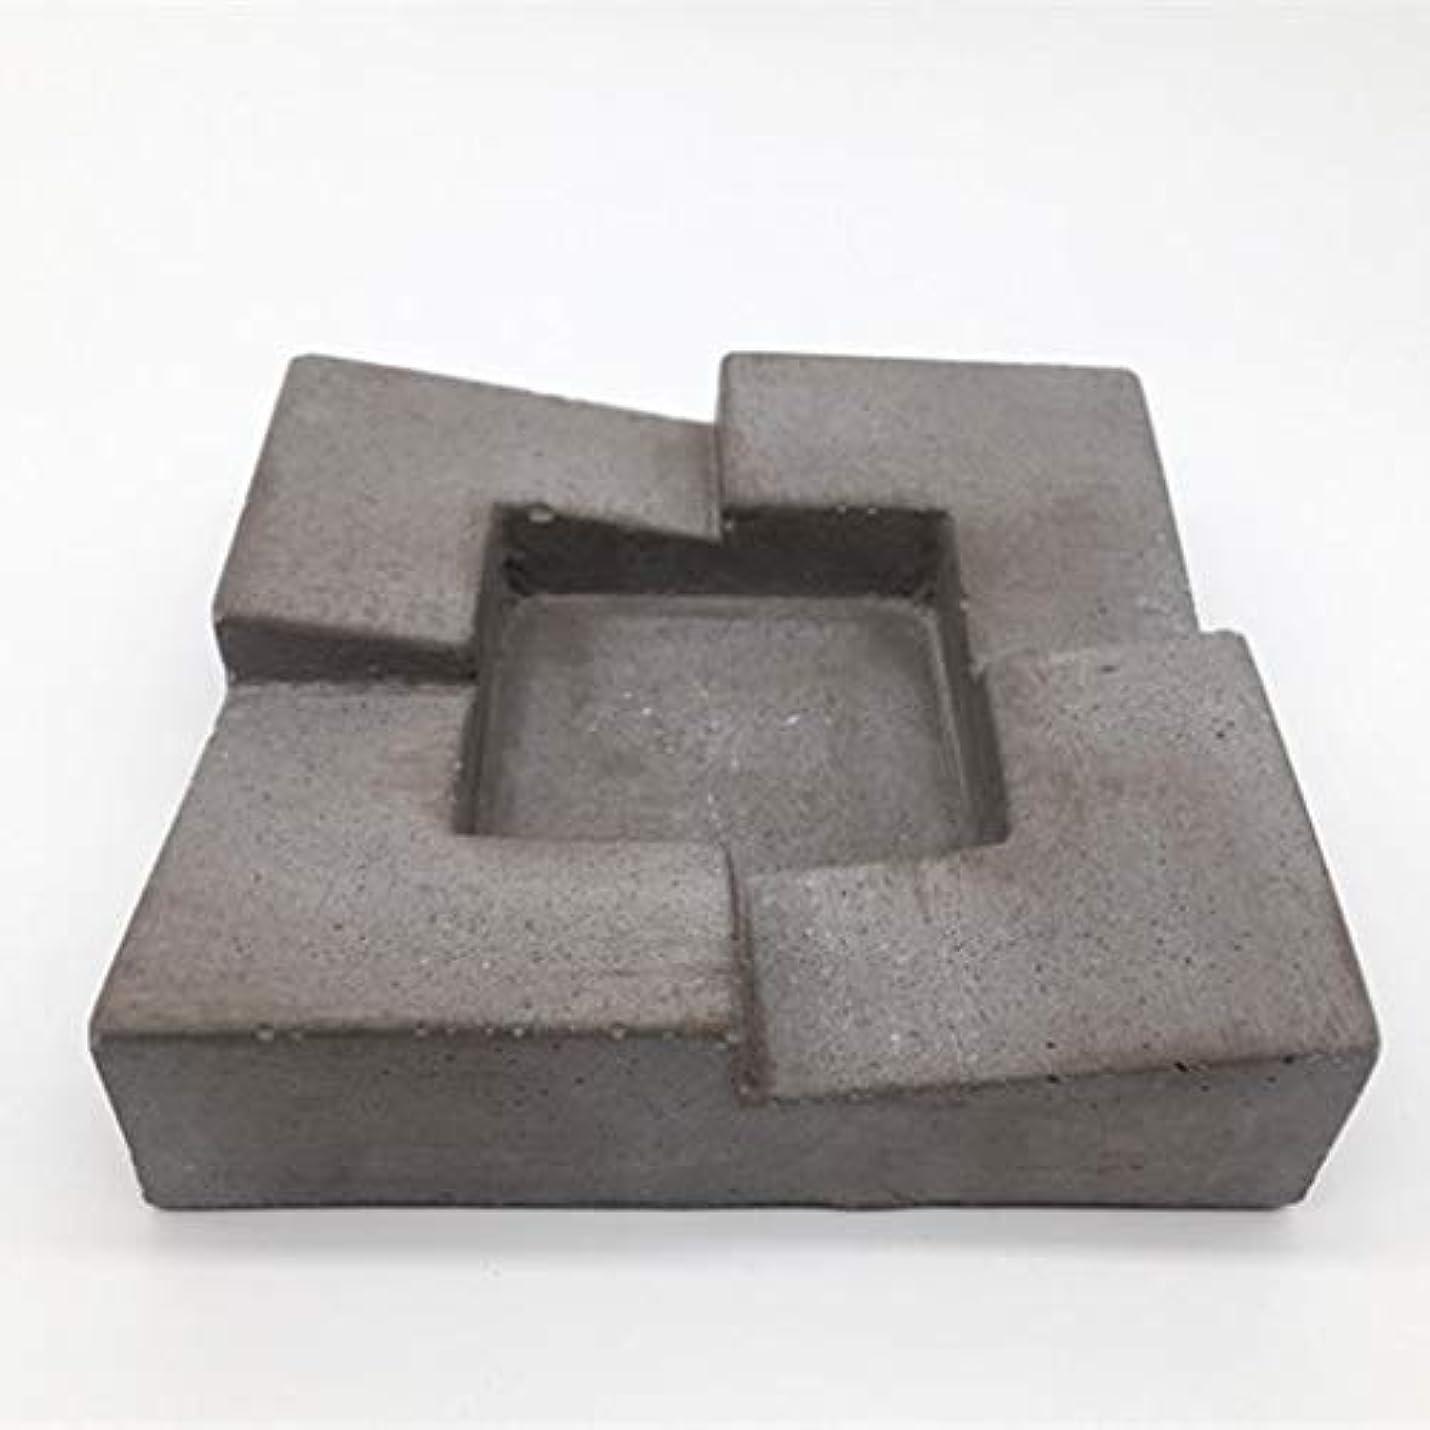 詩人抑制エンドウビンテージ手彫り灰皿、ホームデスクトップ家具葉巻コンクリートリビングルームバーオフィスセメント灰皿(グレー)品質保証